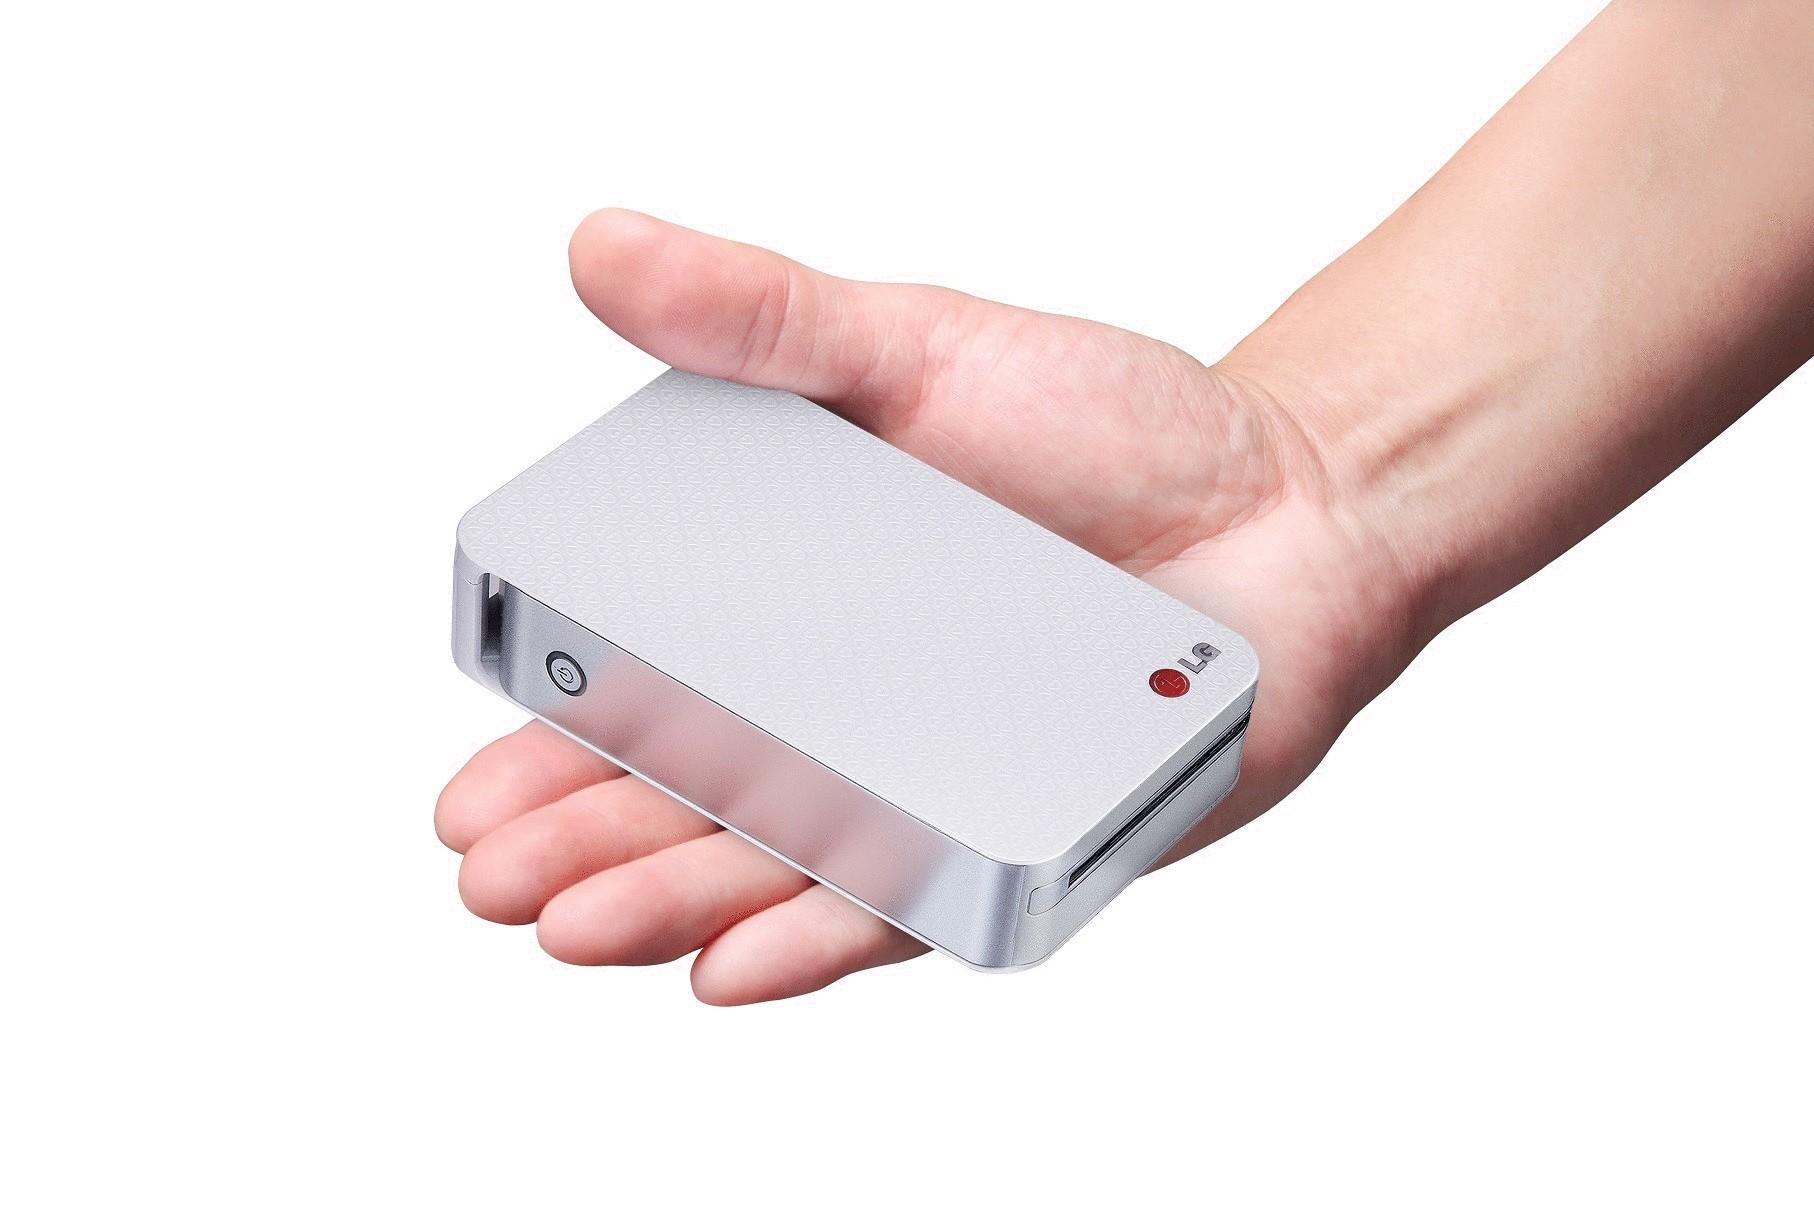 светильники создадут карманный принтер фото с телефона оказалось